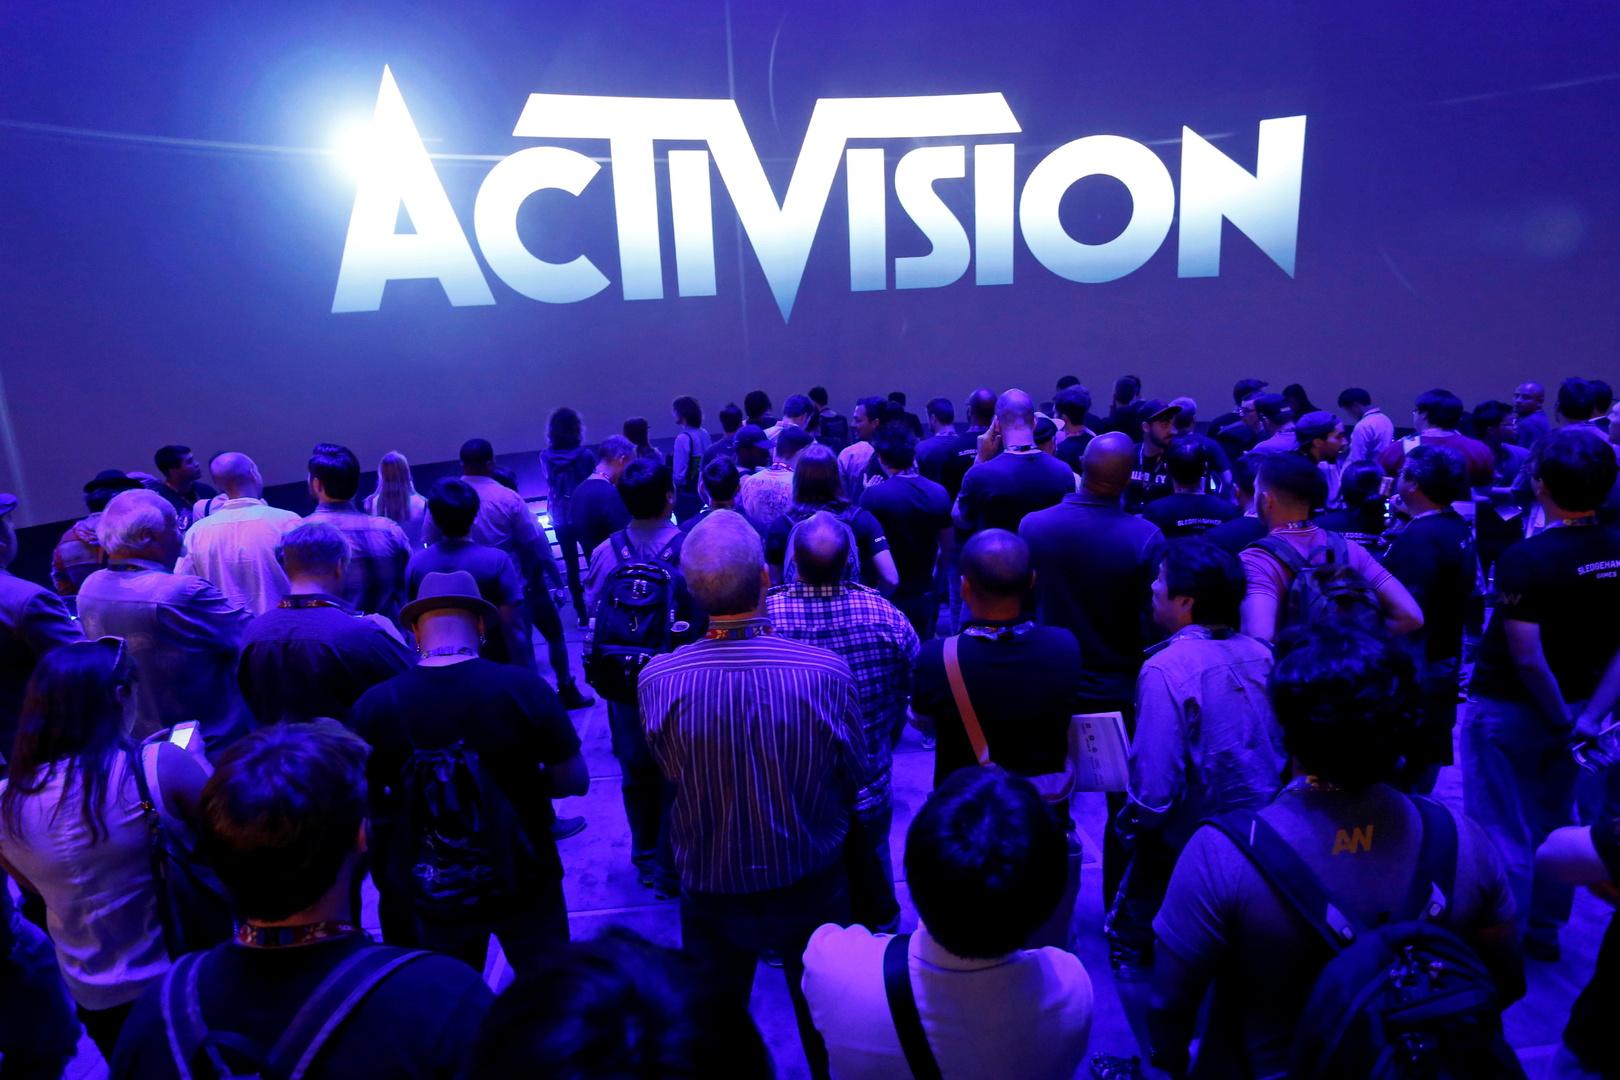 شركة أمريكية لإنتاج ألعاب الفيديو تتعهد بدفع 18 مليون دولار في قضية تمييز جنسي